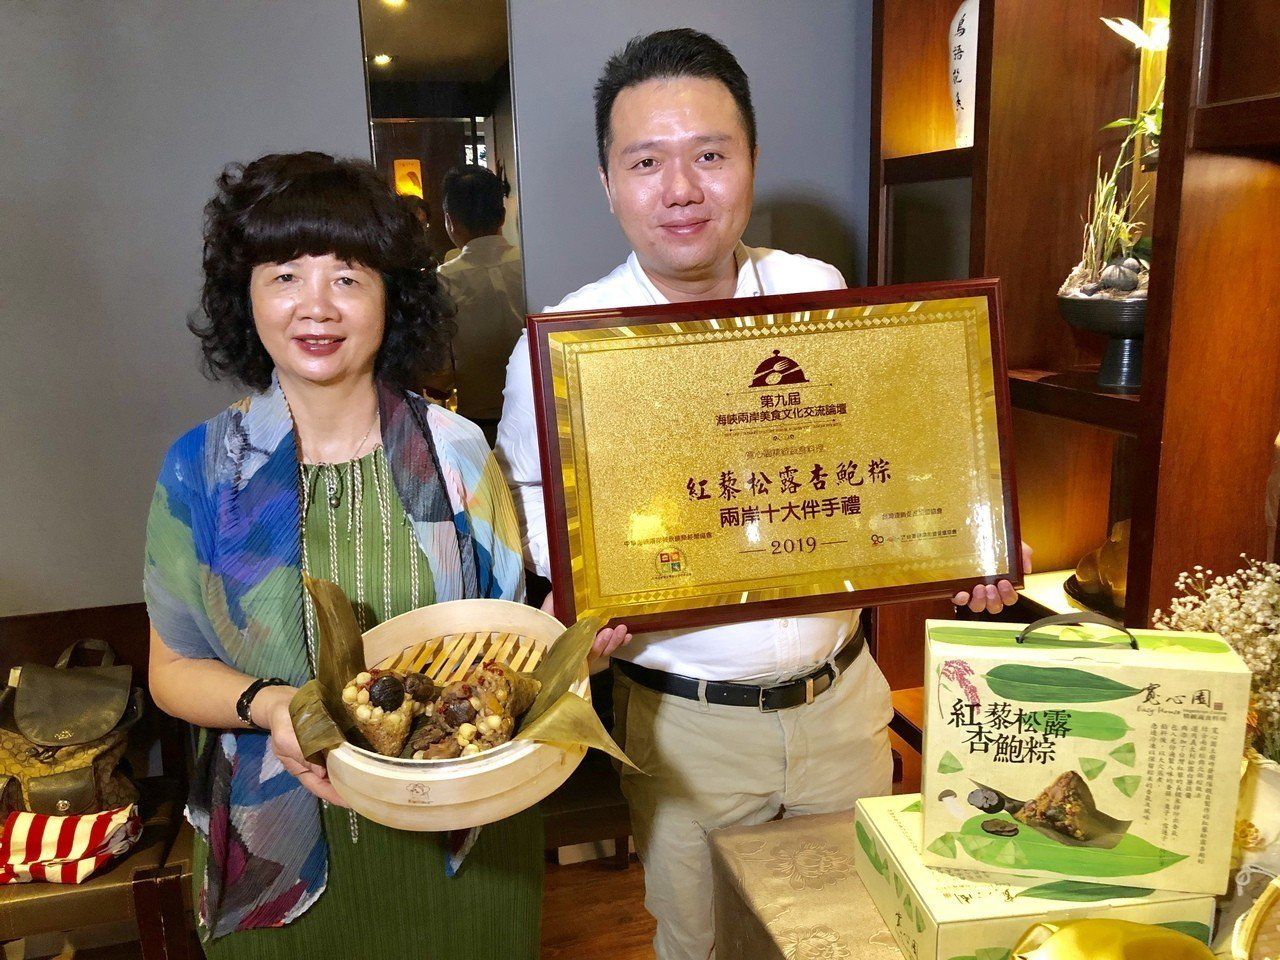 曾獲2016年《百貨通路類素粽評比第一名》的寬心園「紅藜松露杏鮑粽」,今年再度獲...